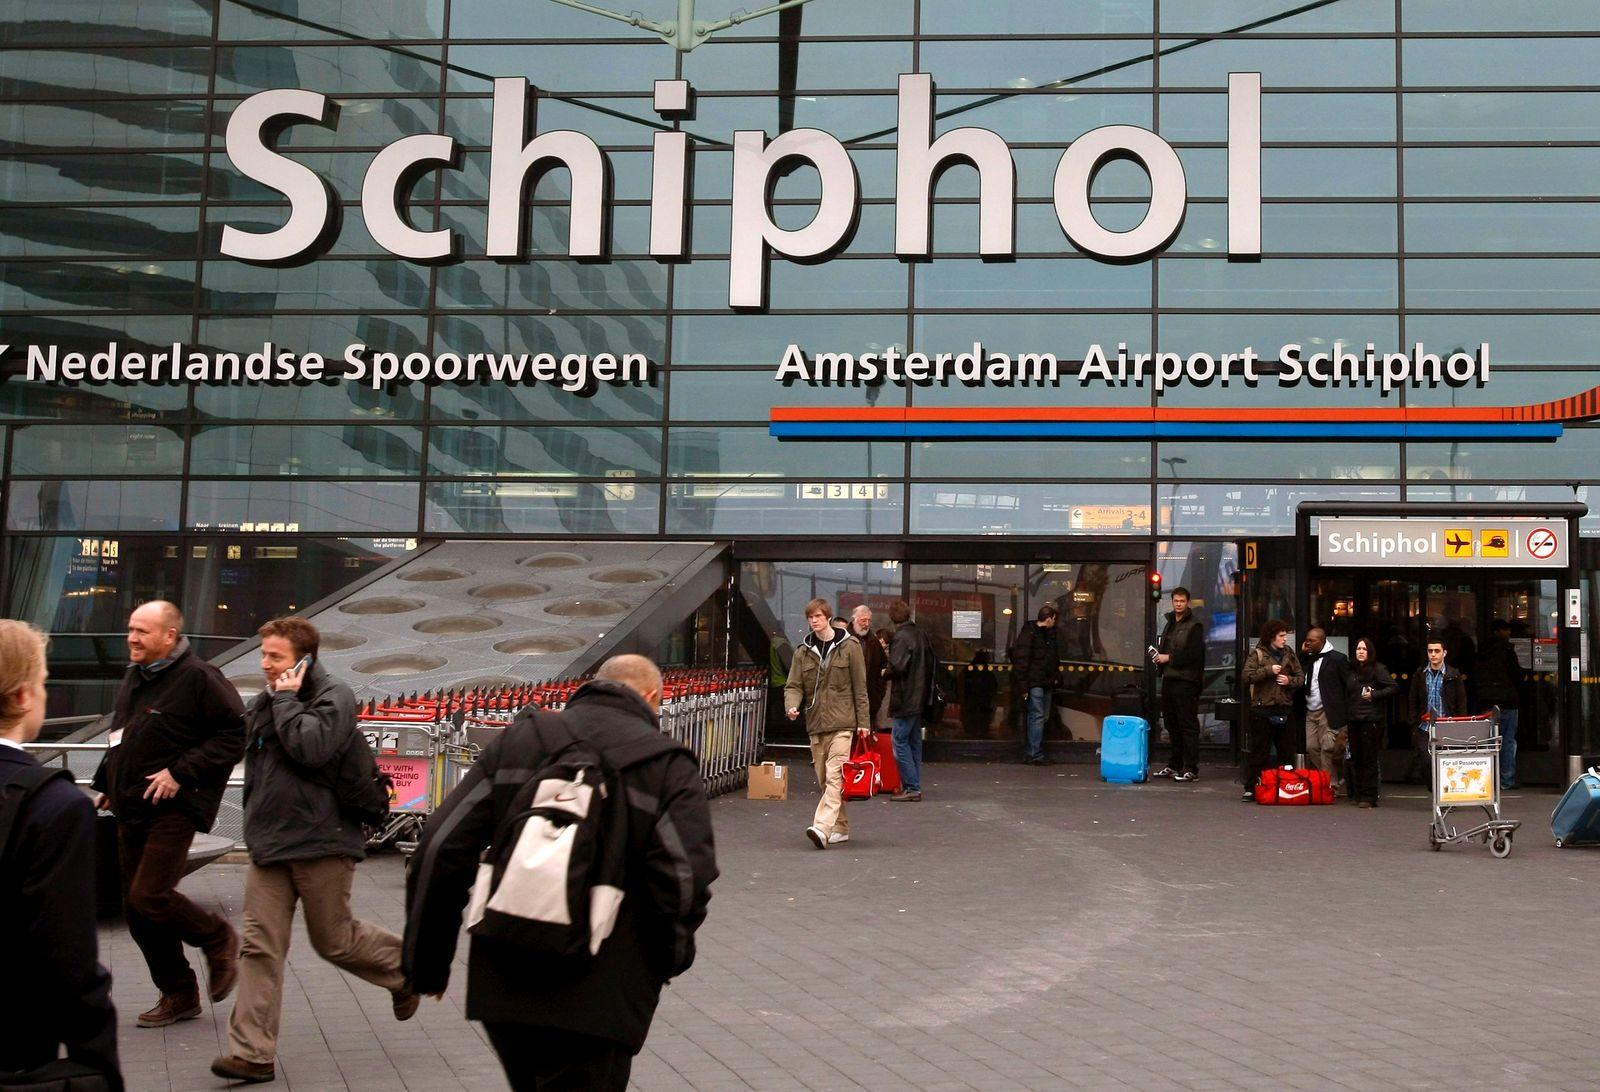 Verdächtiger am Amsterdamer Flughafen Schiphol angeschossen